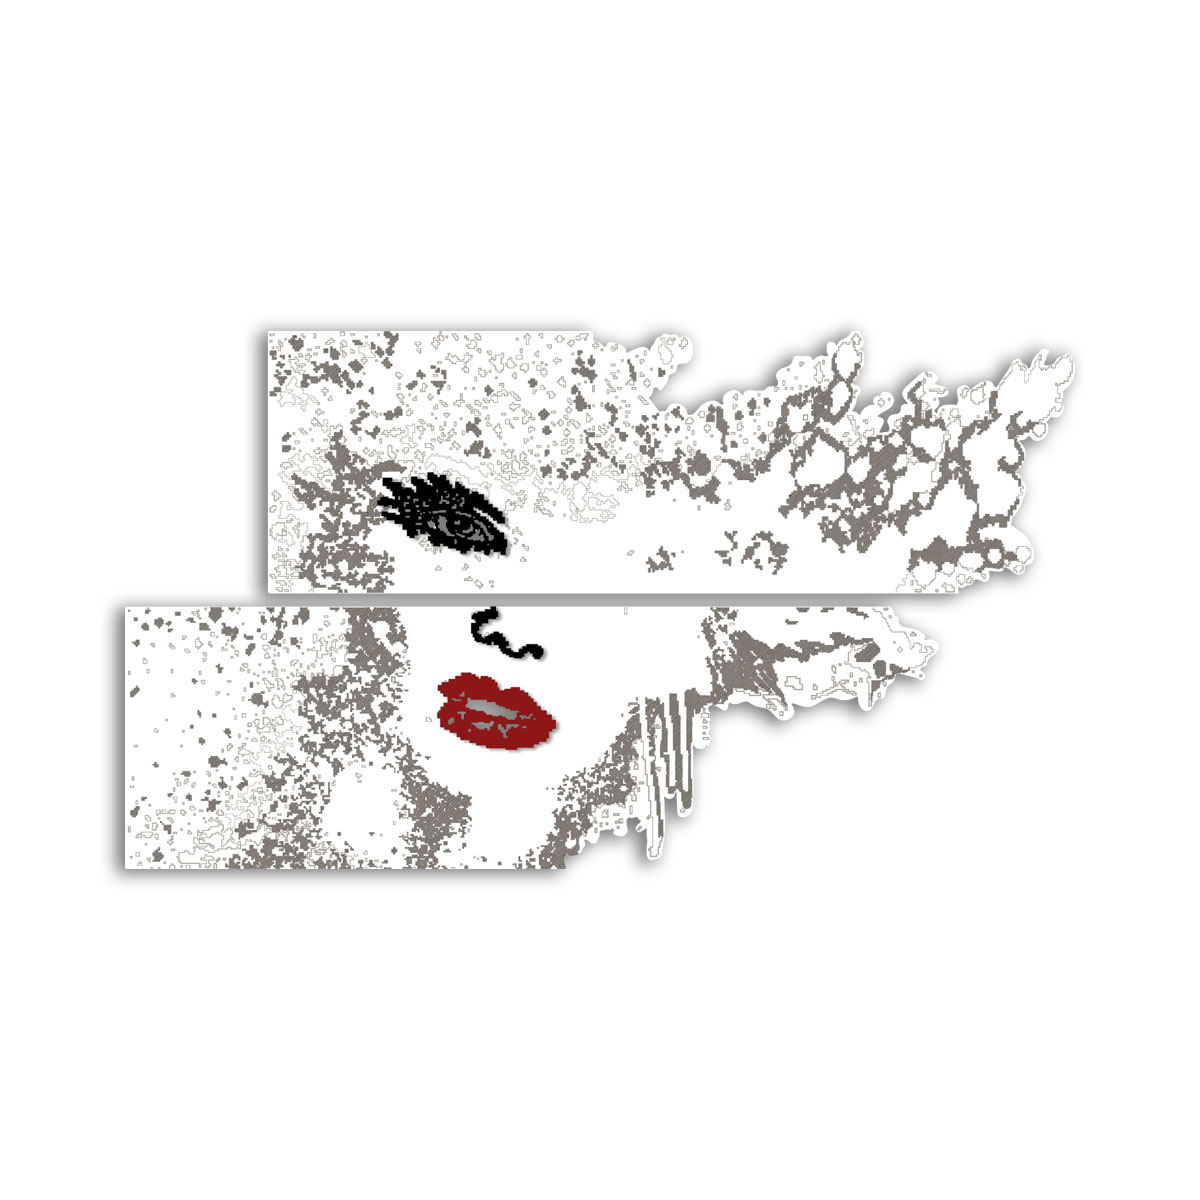 L:A:S - Laser Art Style - QUADRO DESIGN – SCULTURA DA PARETE – SI-156 BIANCO-NERO-ROSSO